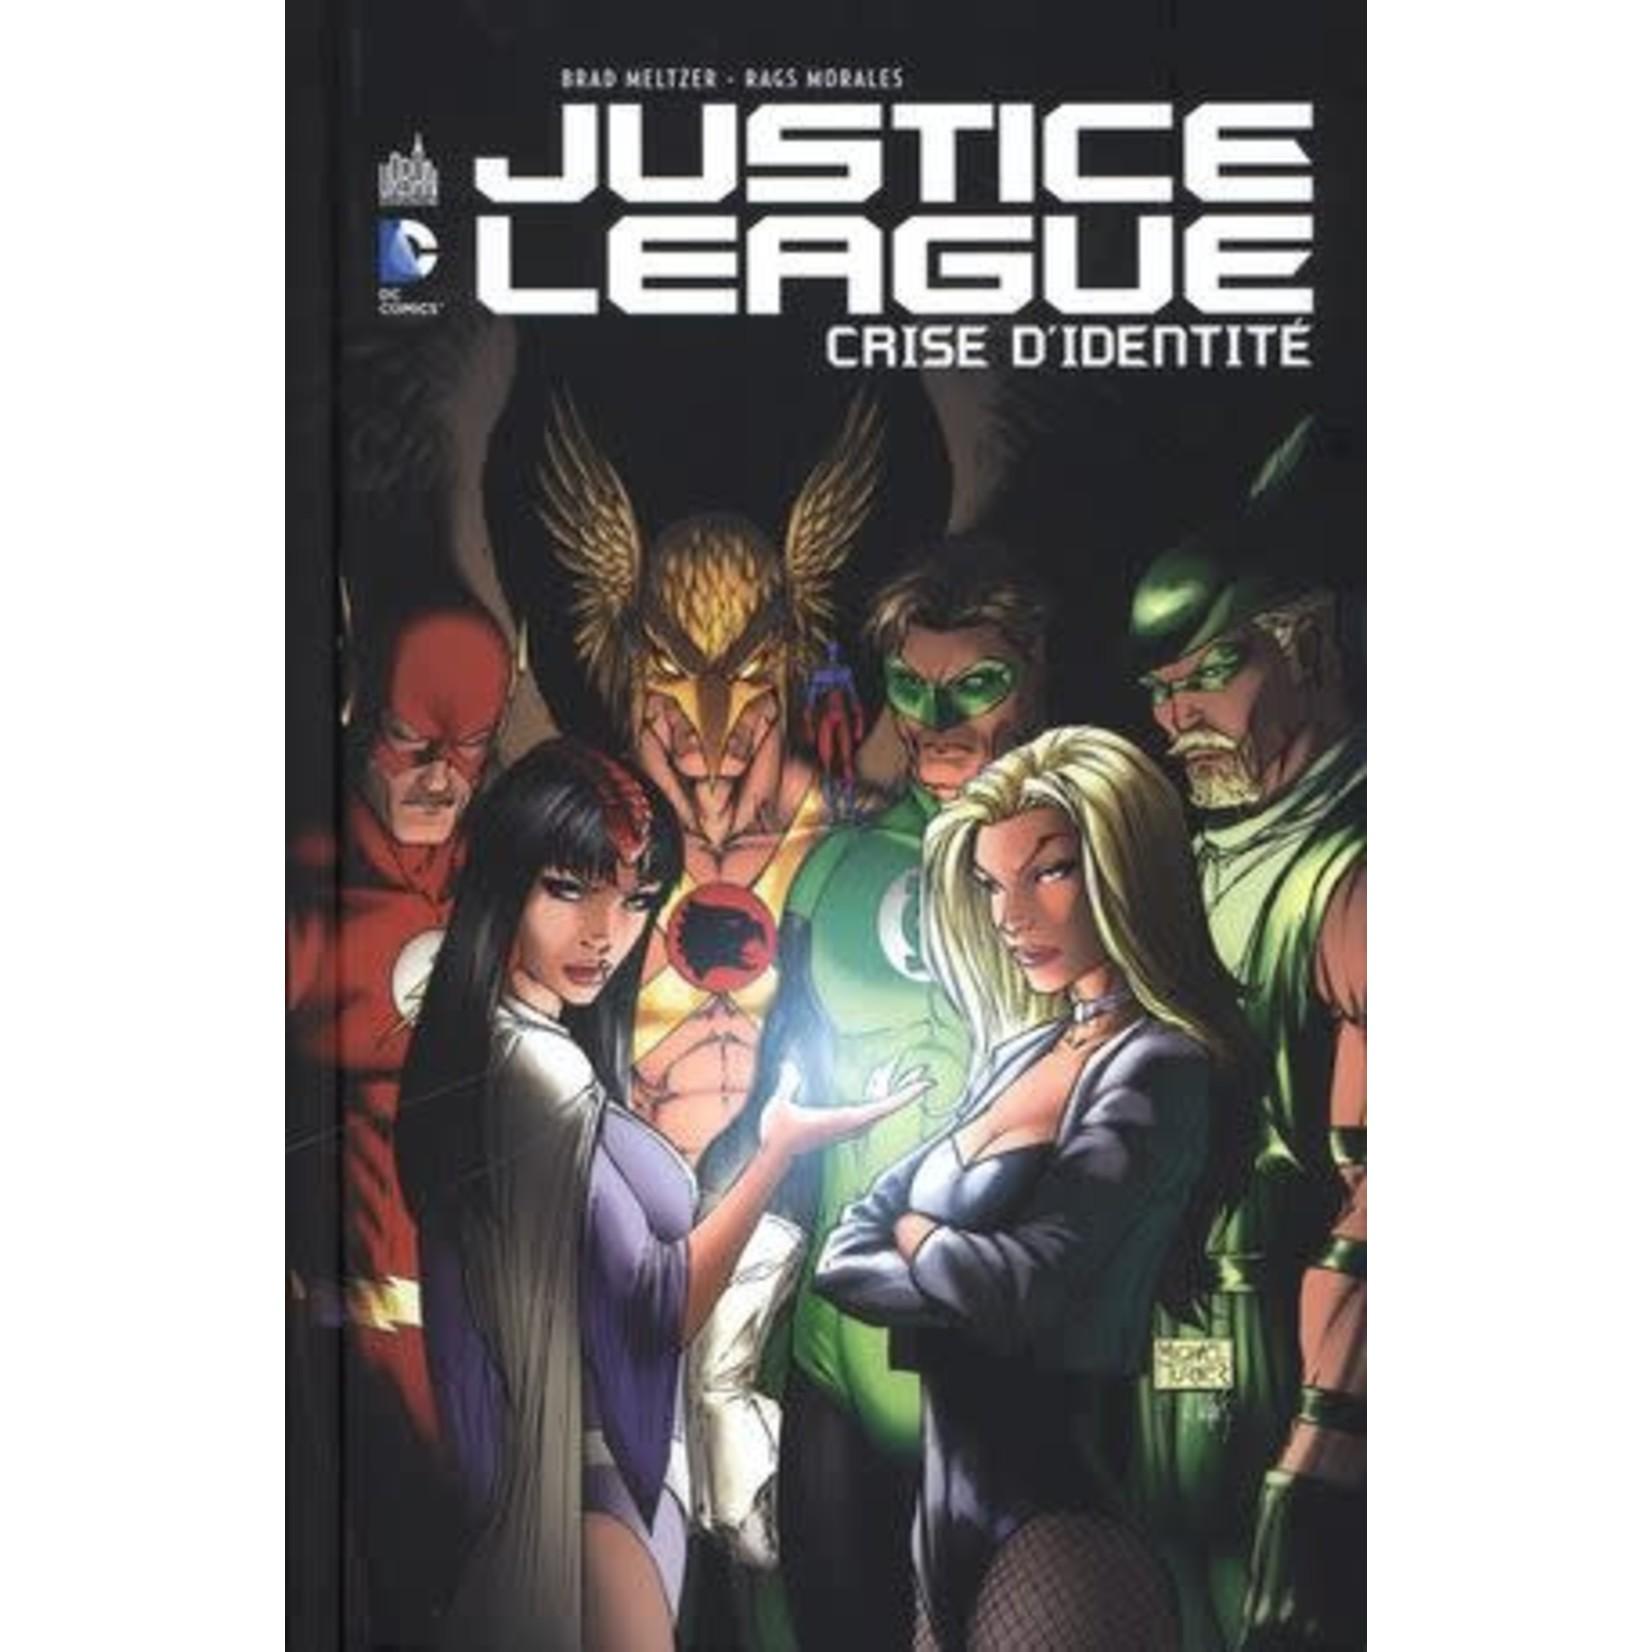 Urban Comics Justice League - Crise d'identité